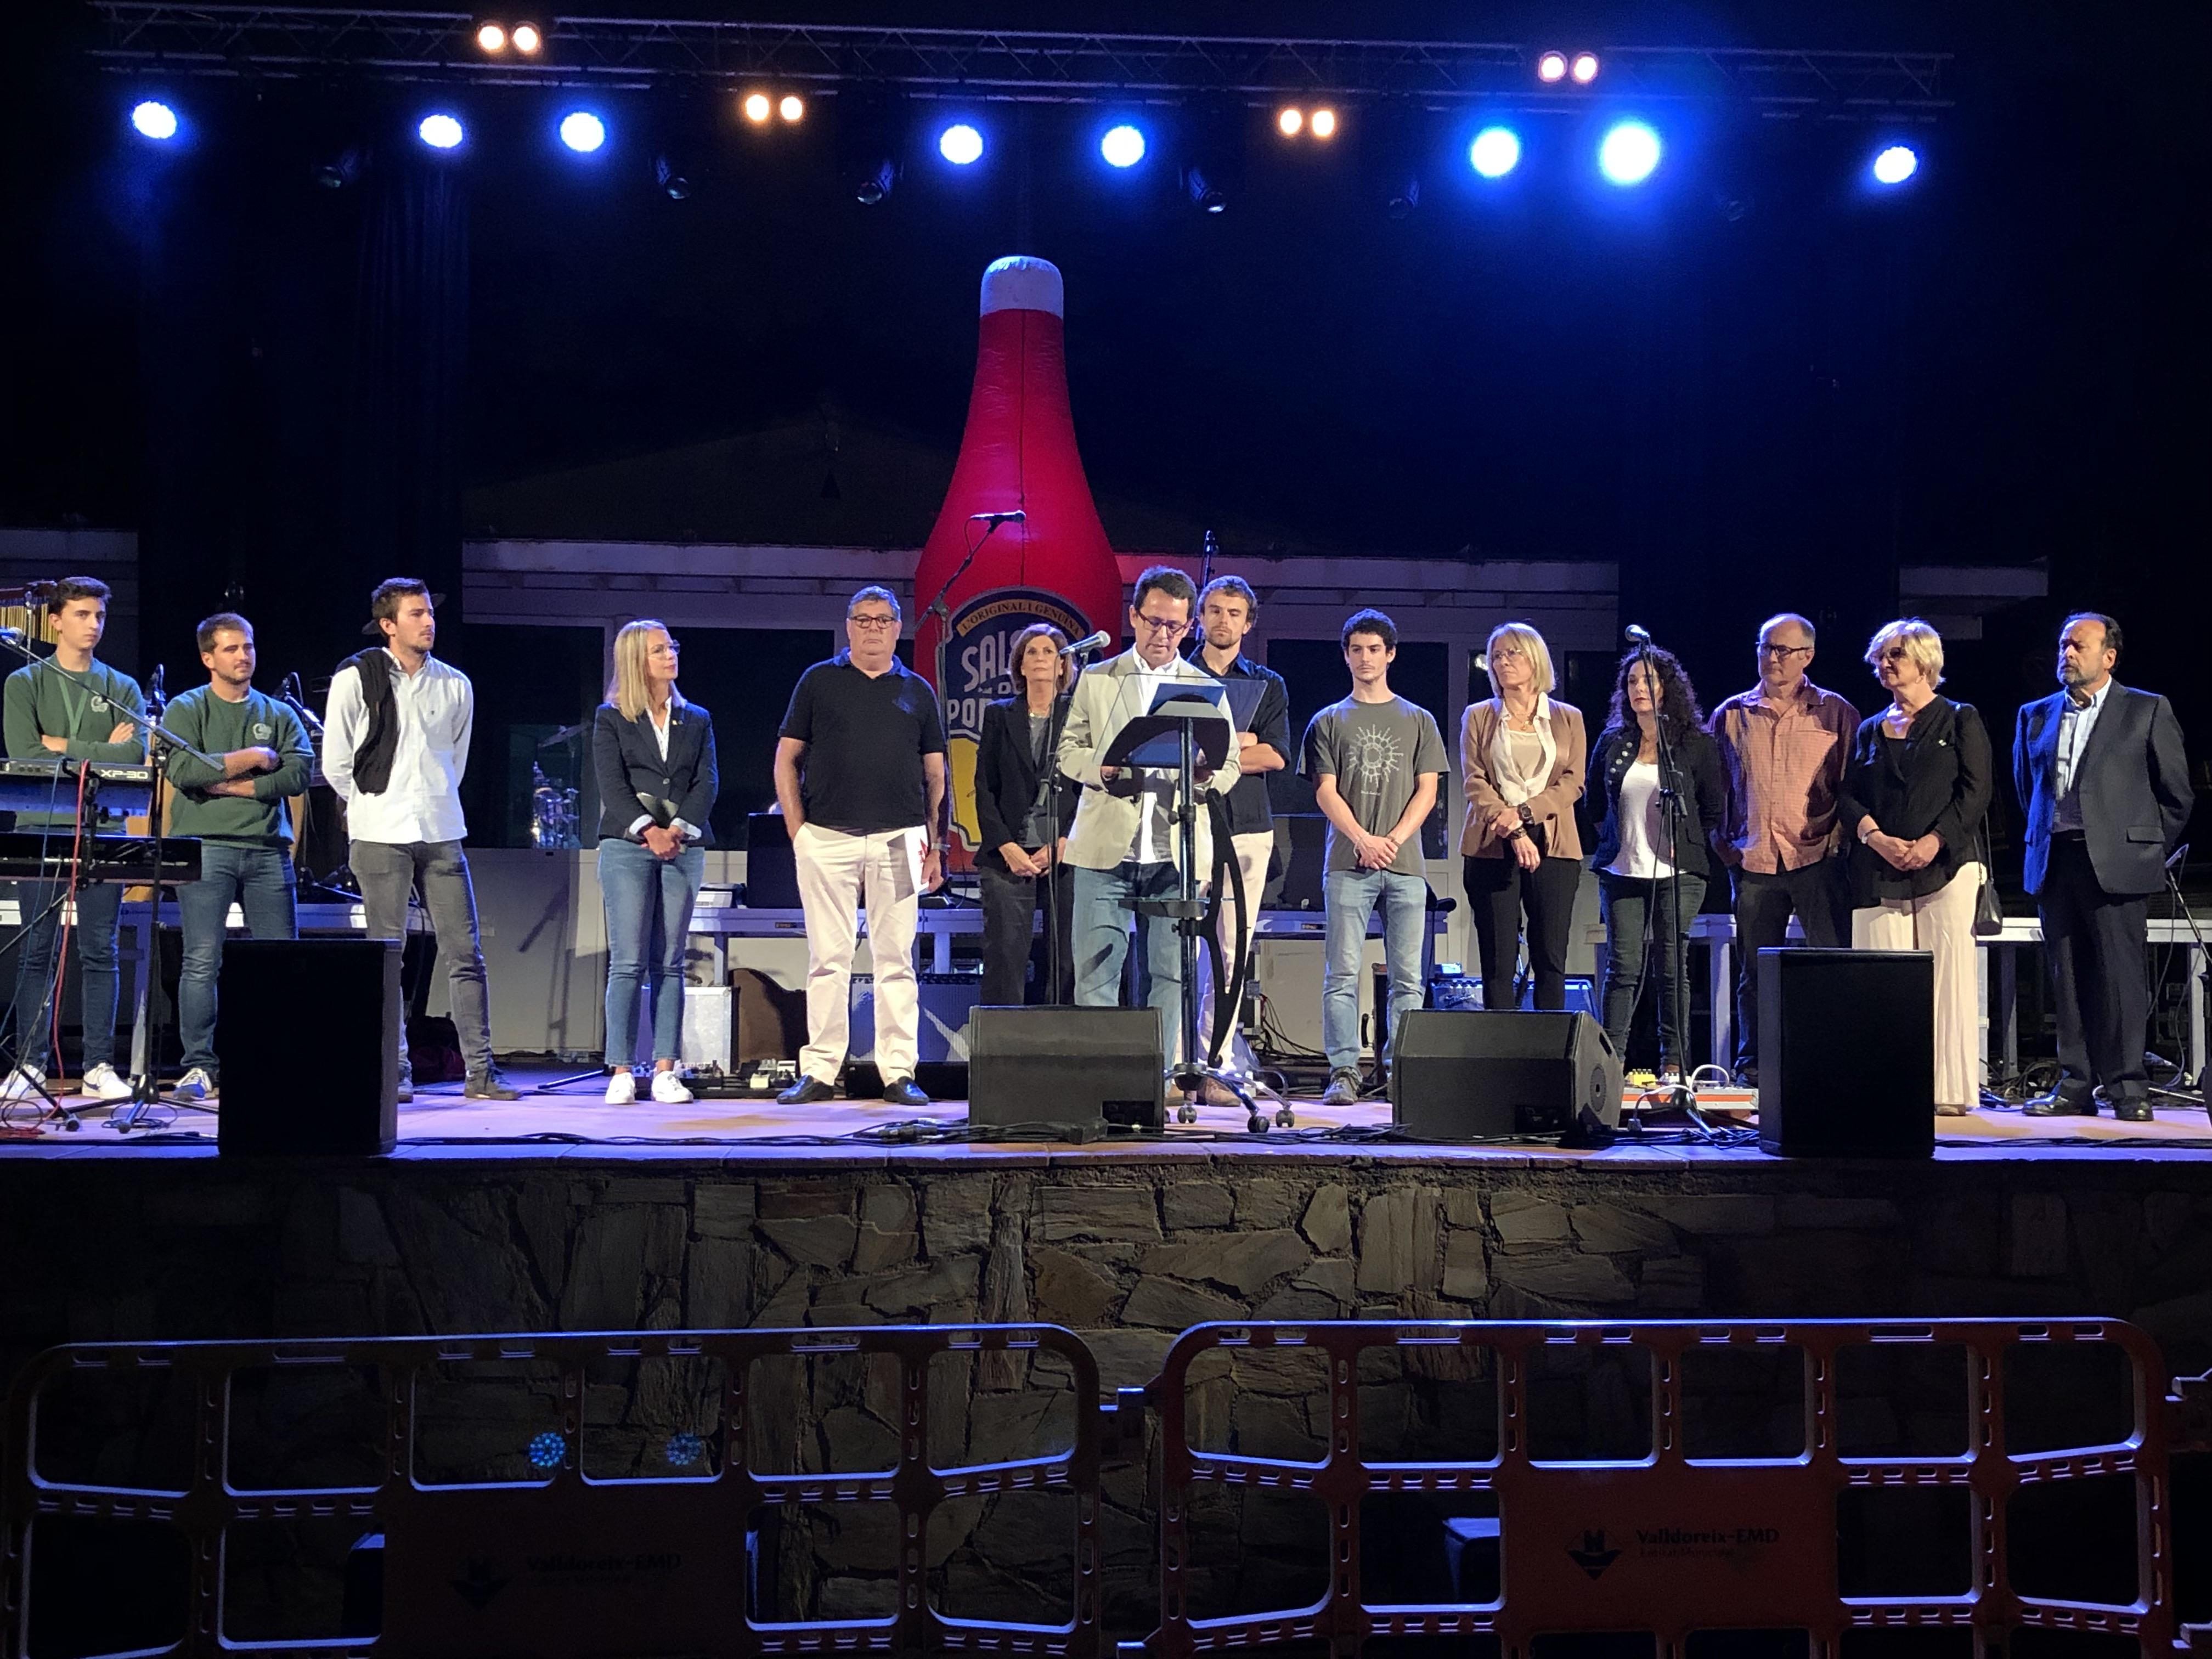 L'alta participació ciutadana marca la celebració de l'edició 2019 de la Festa Major de Valldoreix